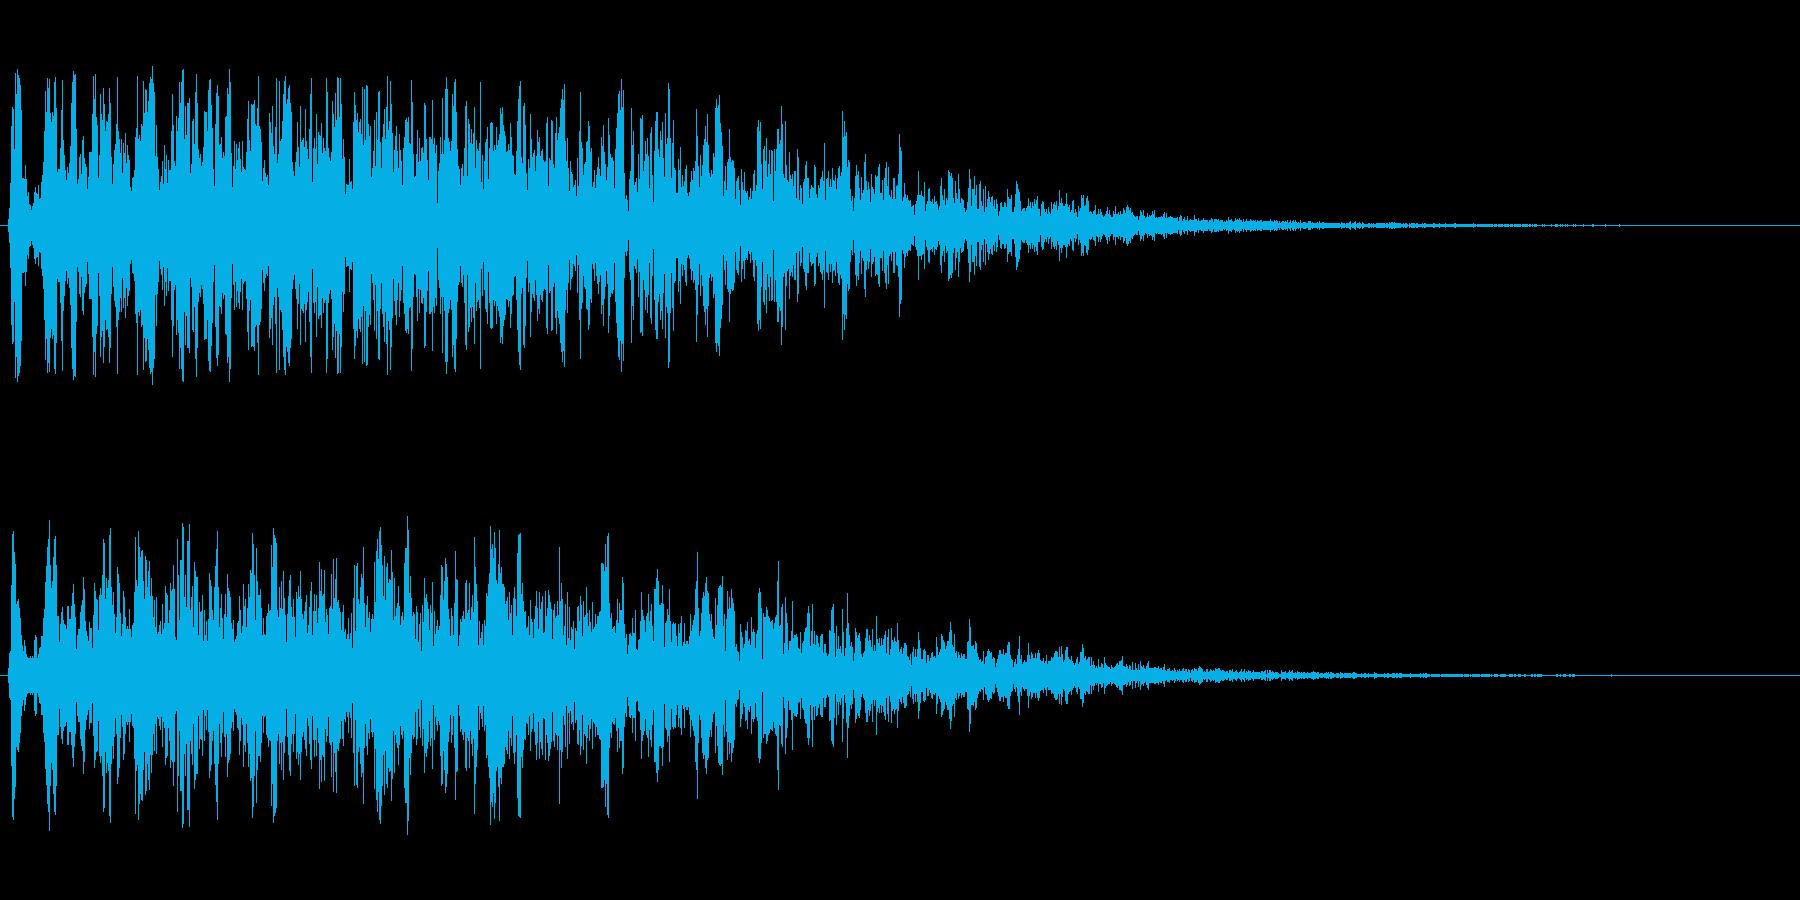 変化のある風切りの音の再生済みの波形